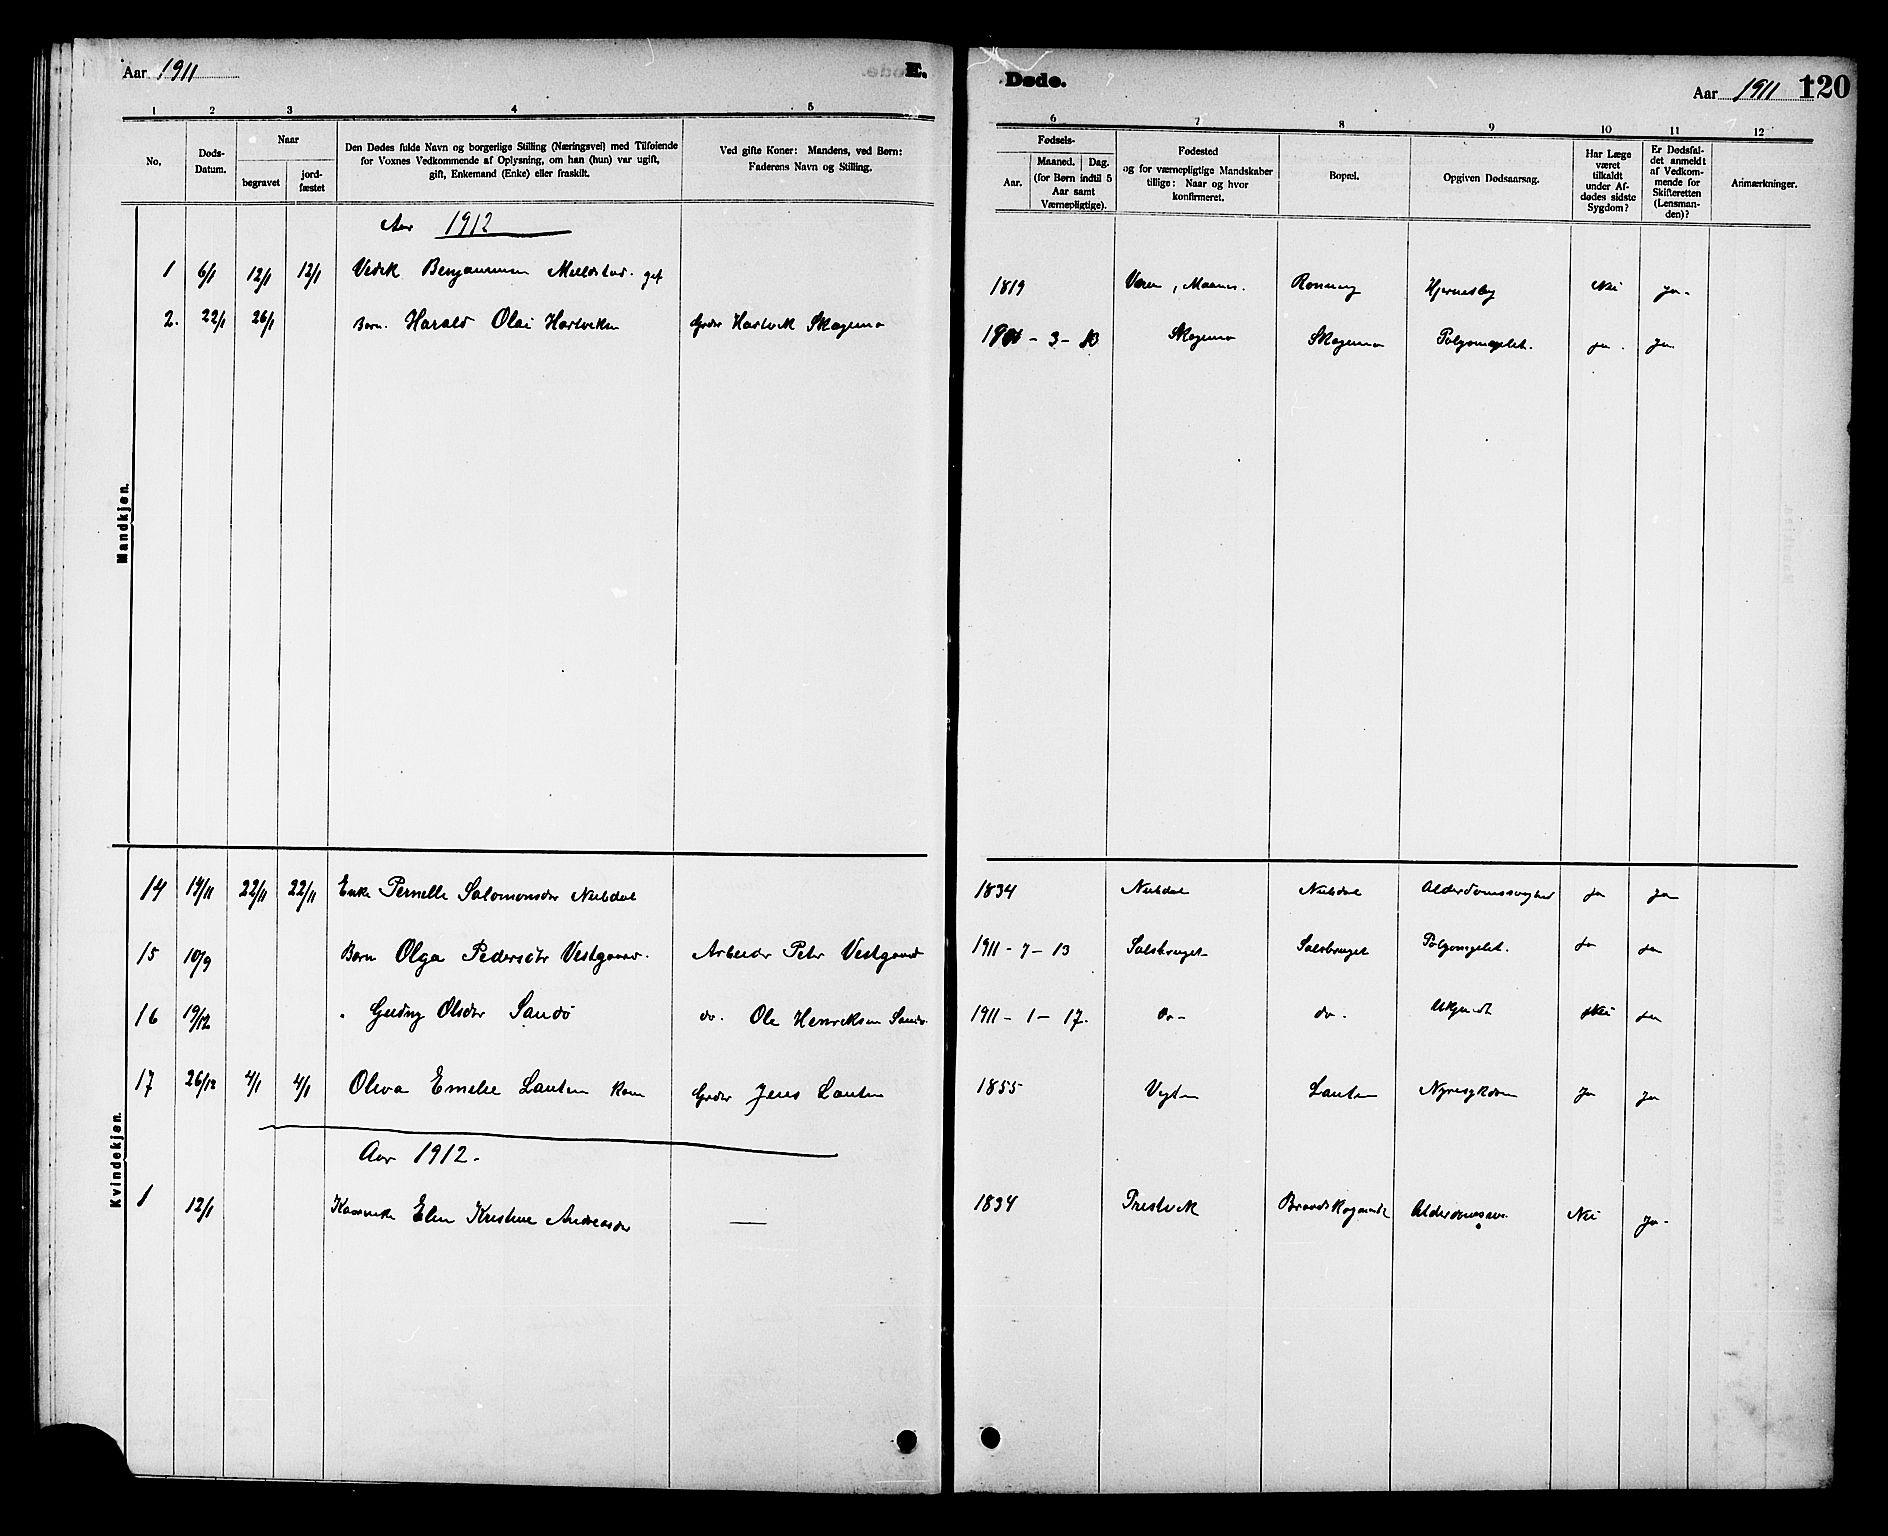 SAT, Ministerialprotokoller, klokkerbøker og fødselsregistre - Nord-Trøndelag, 780/L0652: Klokkerbok nr. 780C04, 1899-1911, s. 120